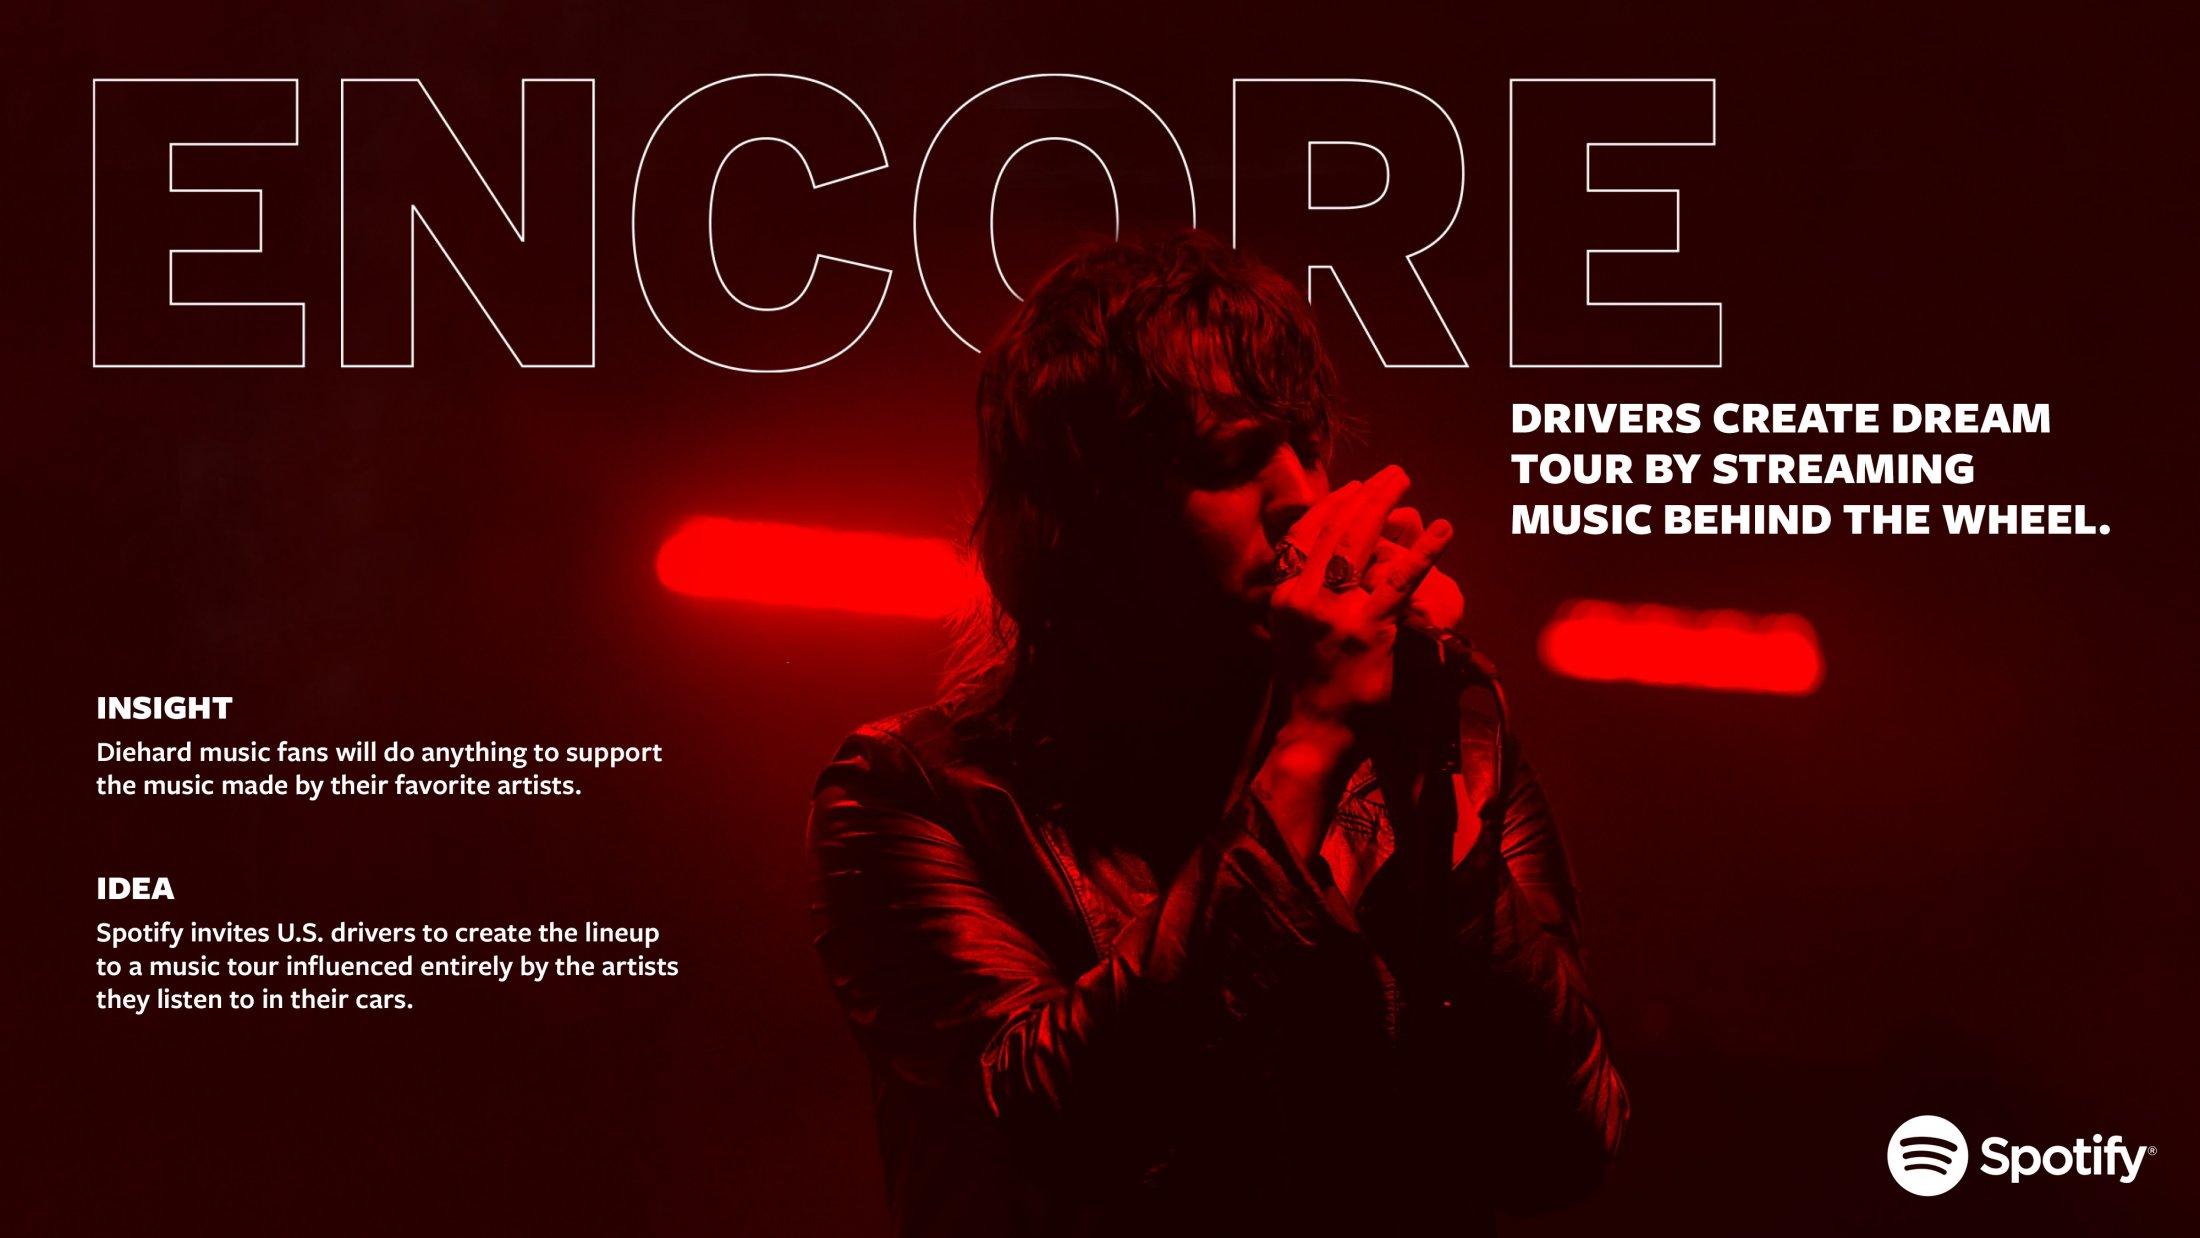 Thumbnail for Encore